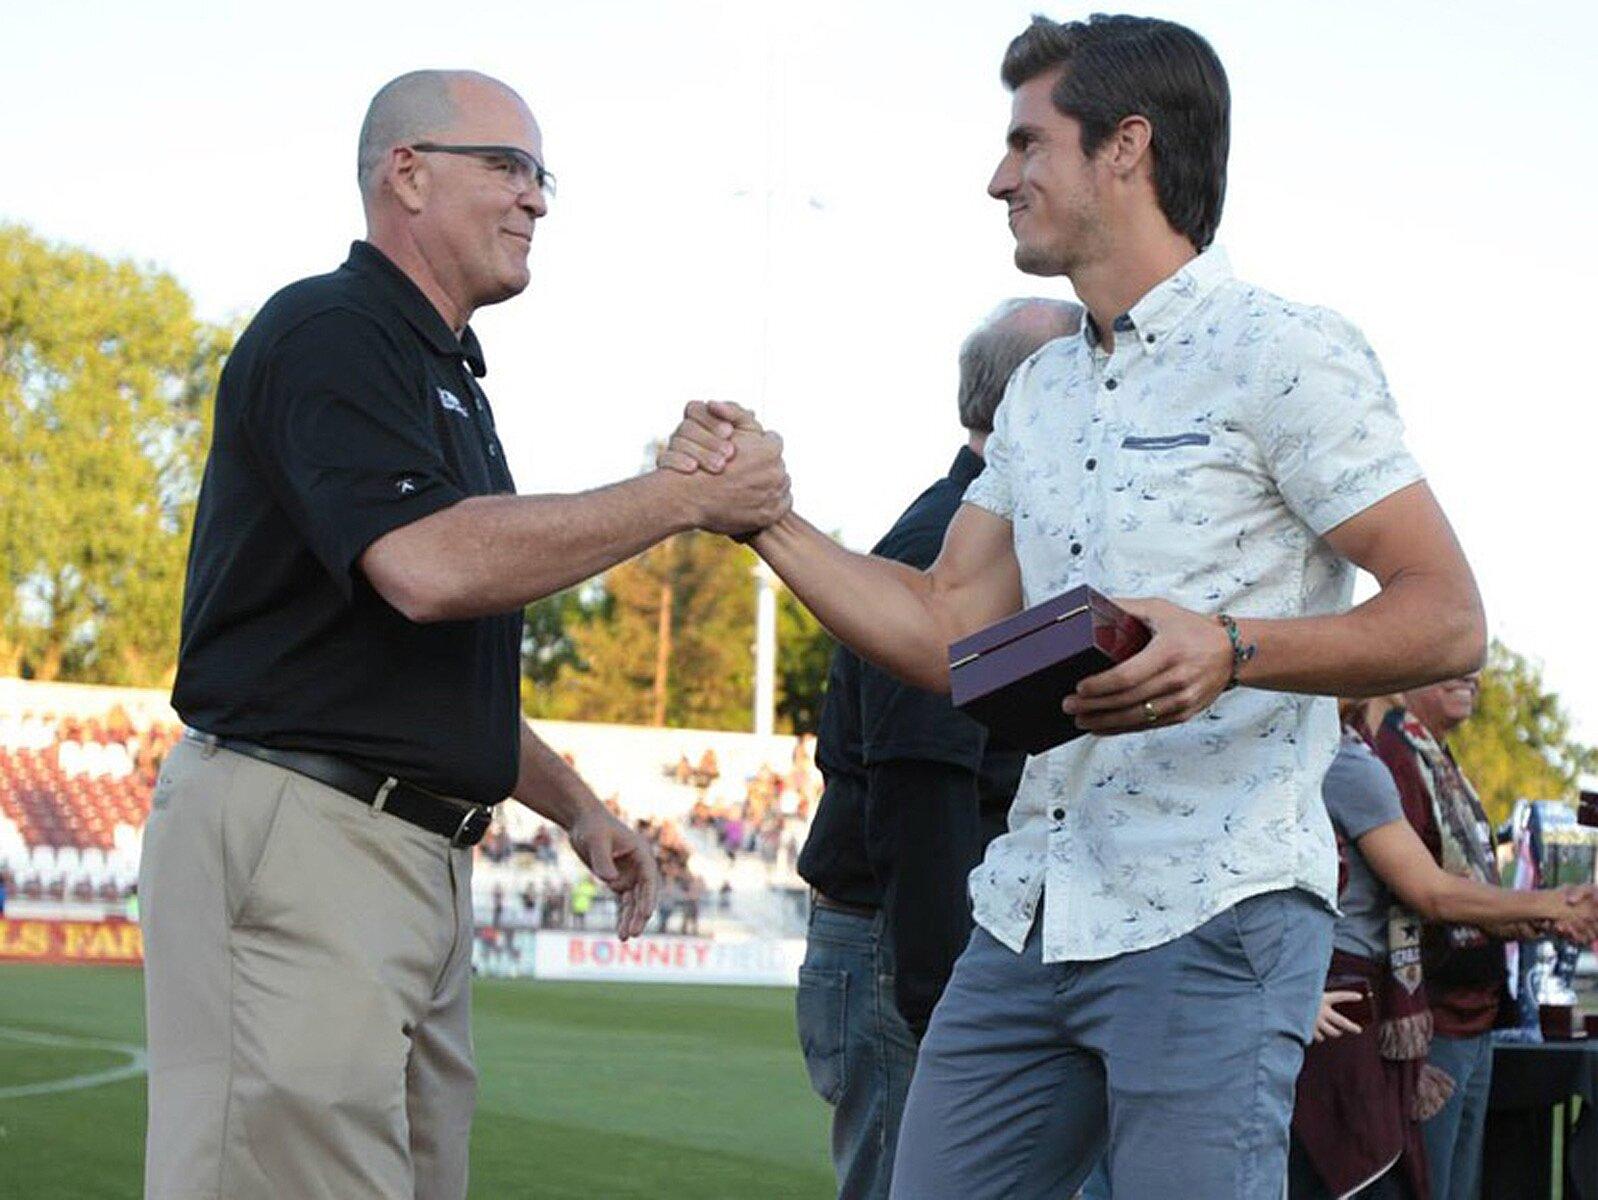 USL in San Diego: Landon Donovan, Warren Smith pair to start